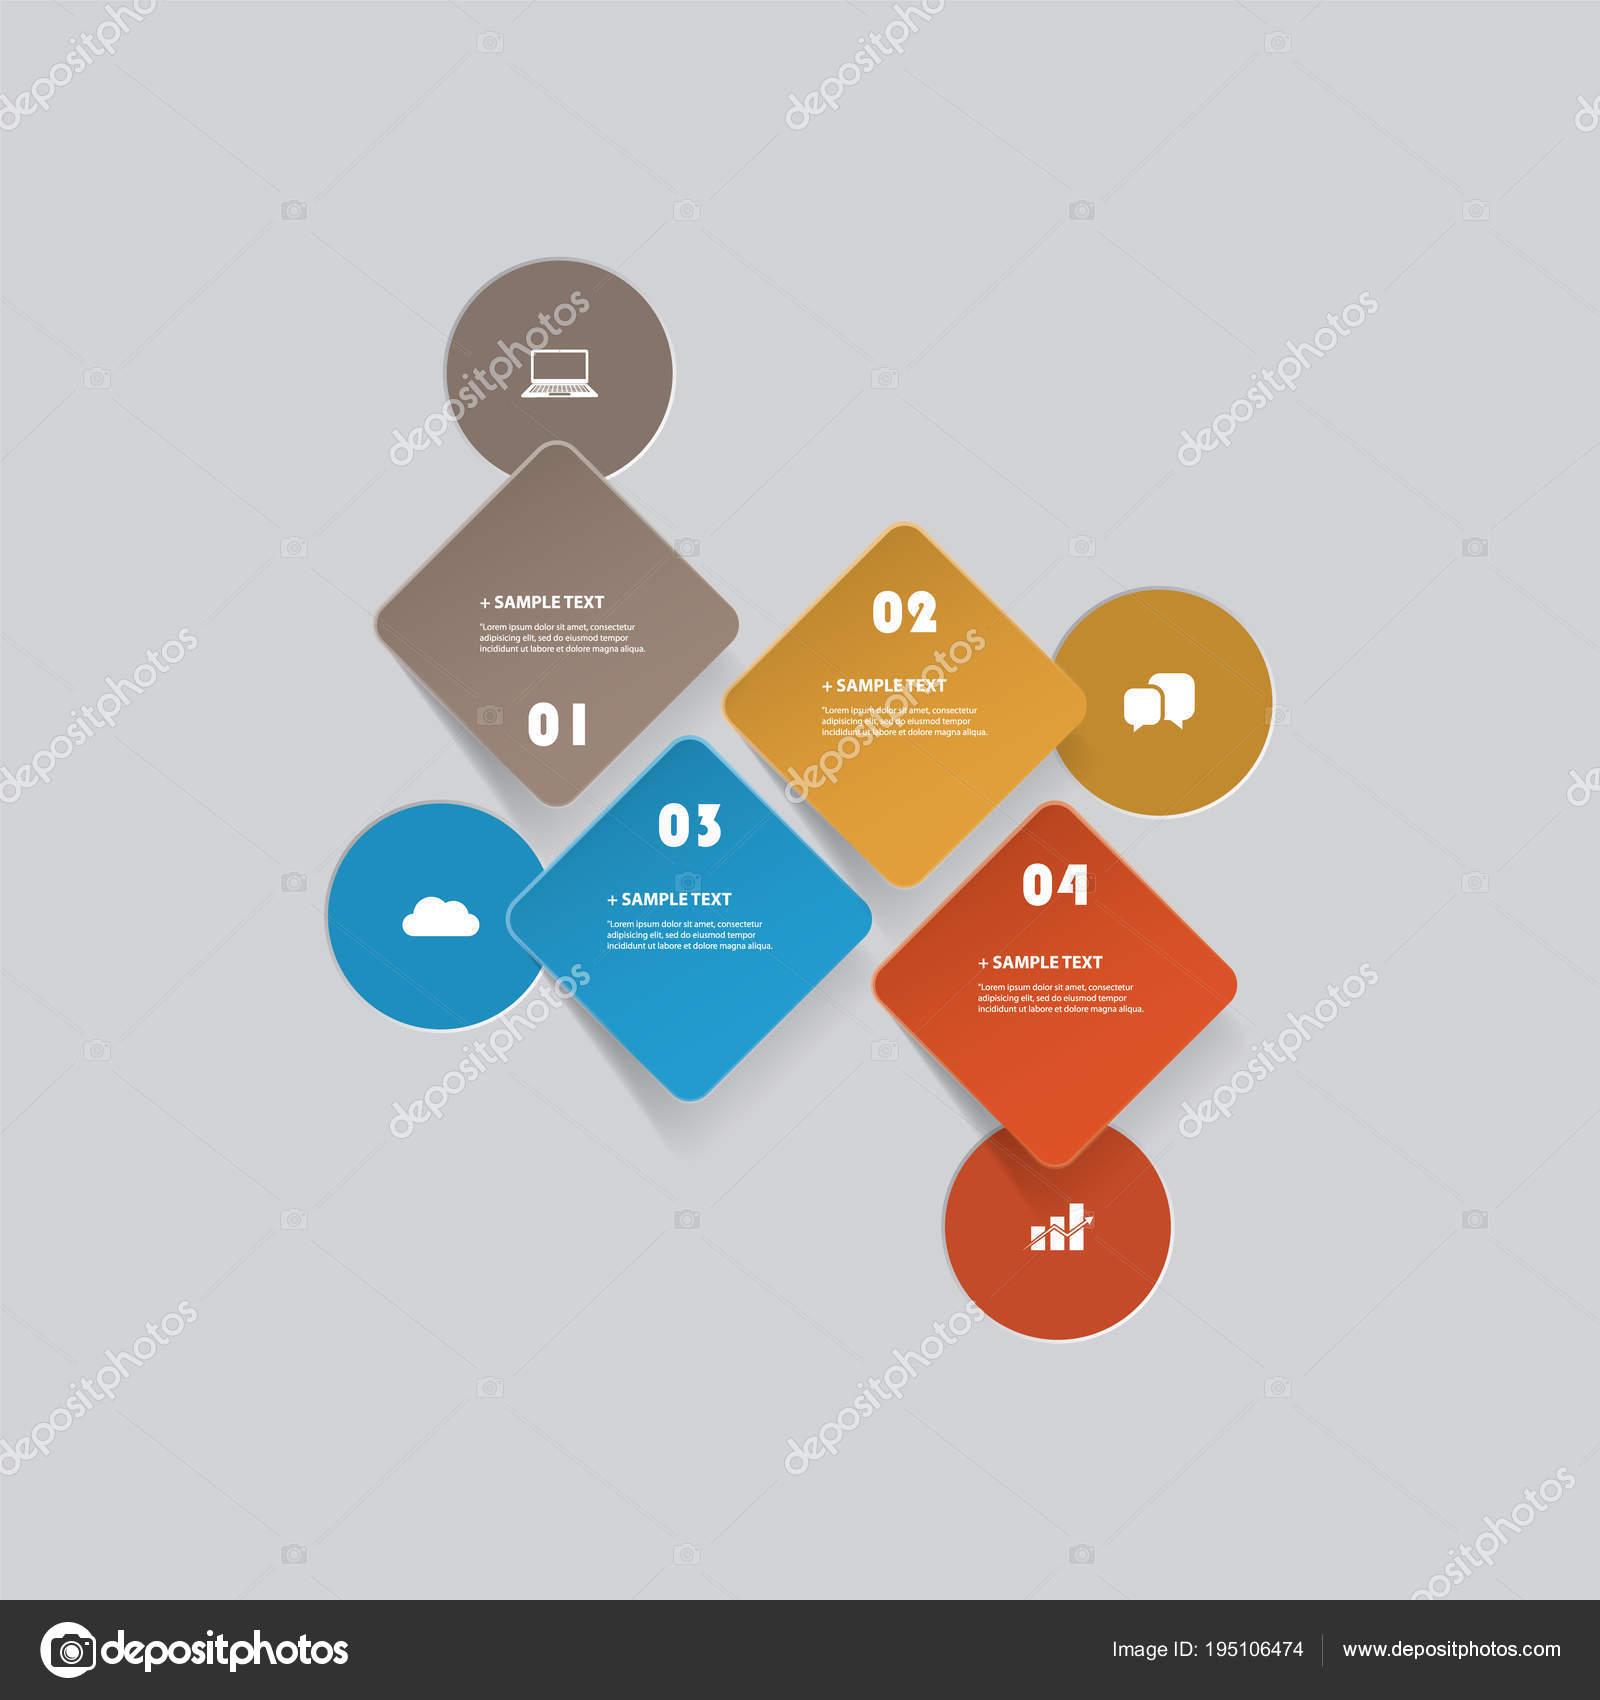 カット スタイル インフォ グラフィック デザイン , カラフルな